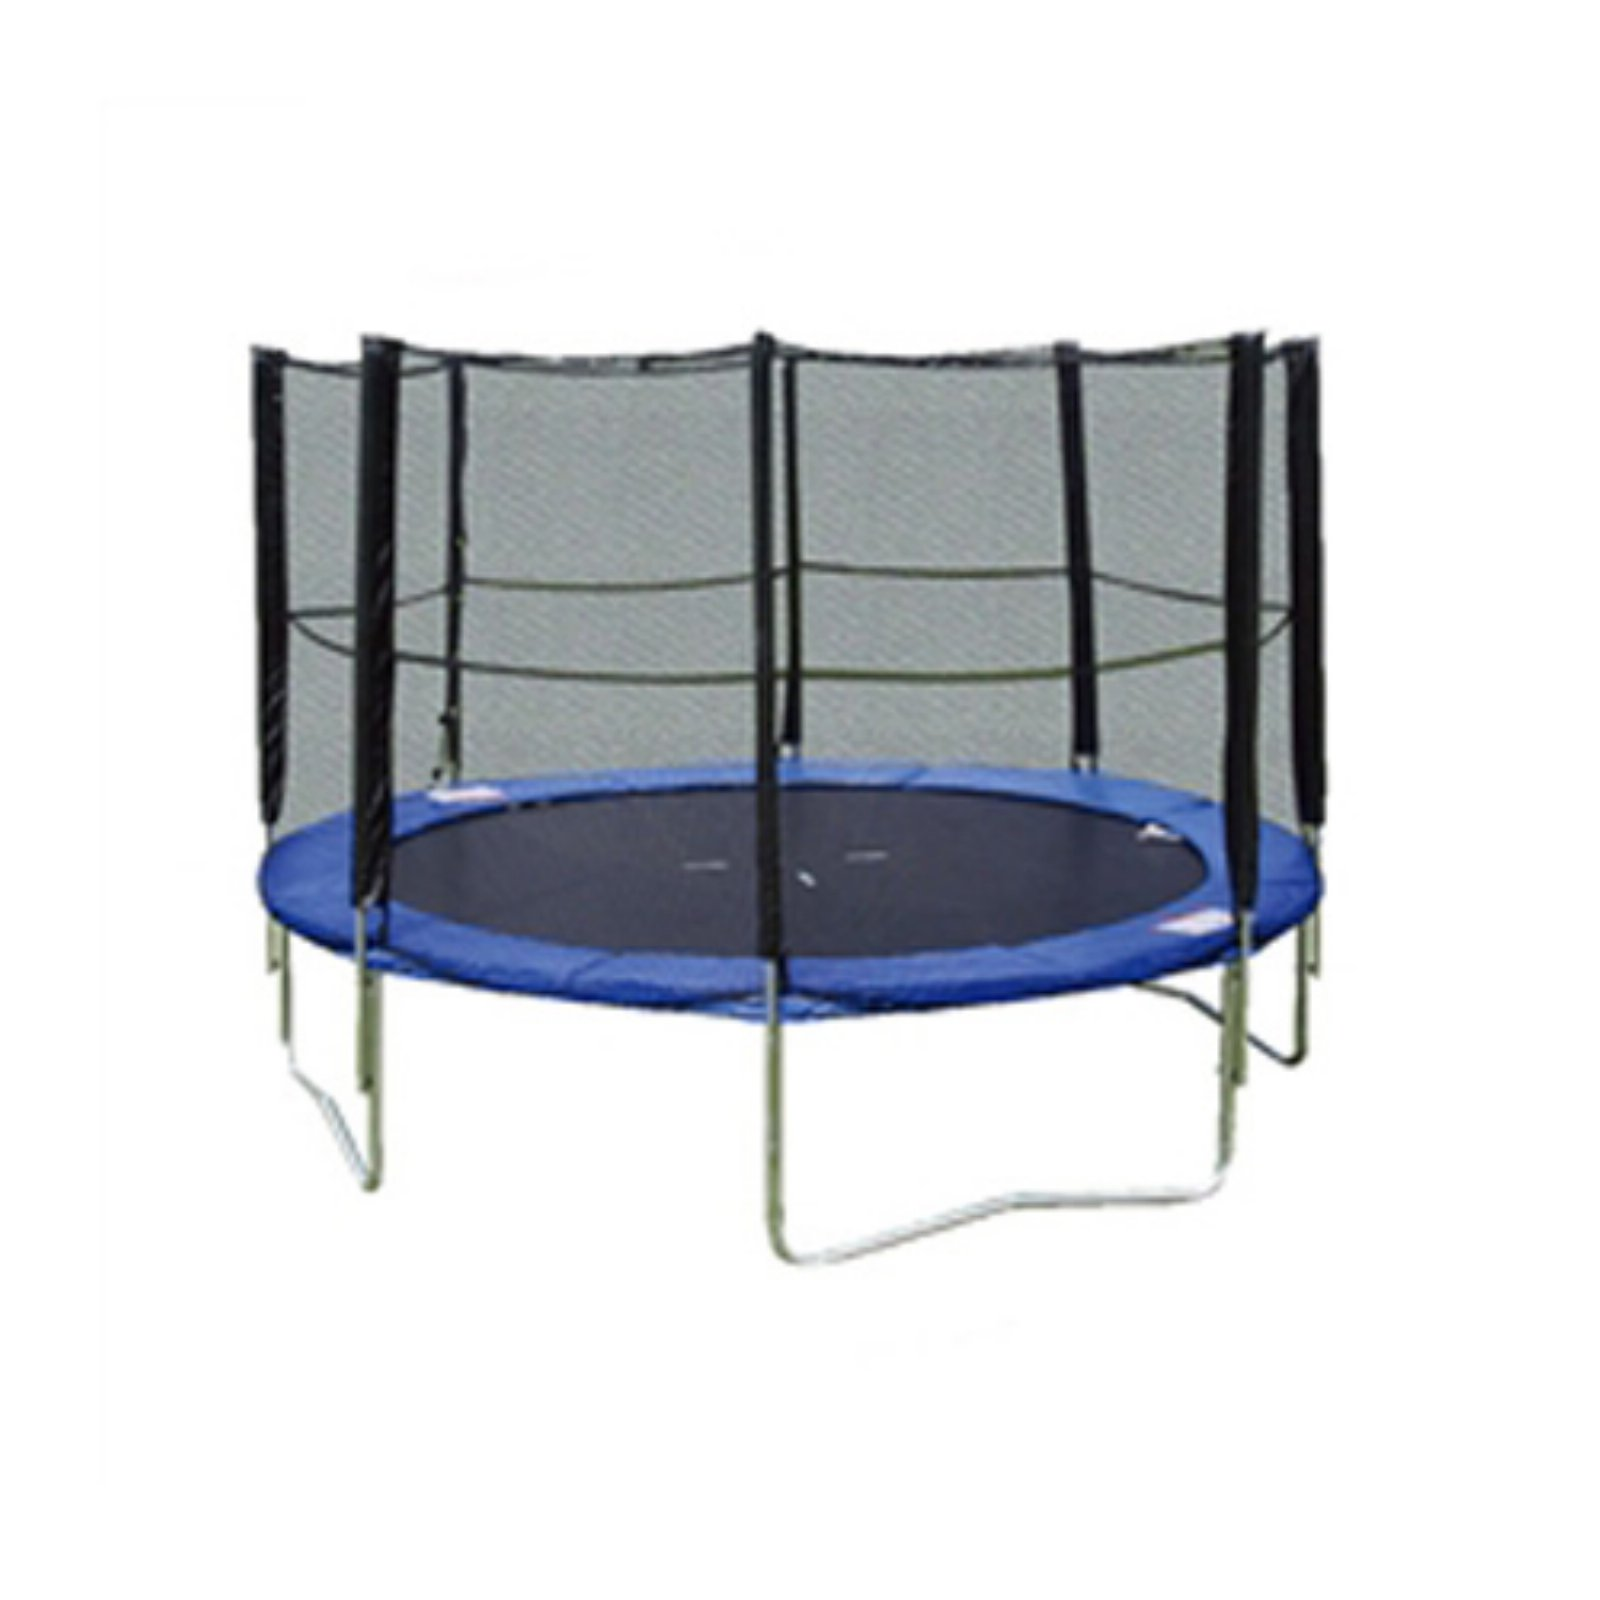 Super Jumper 14 ft. Trampoline with Enclosure